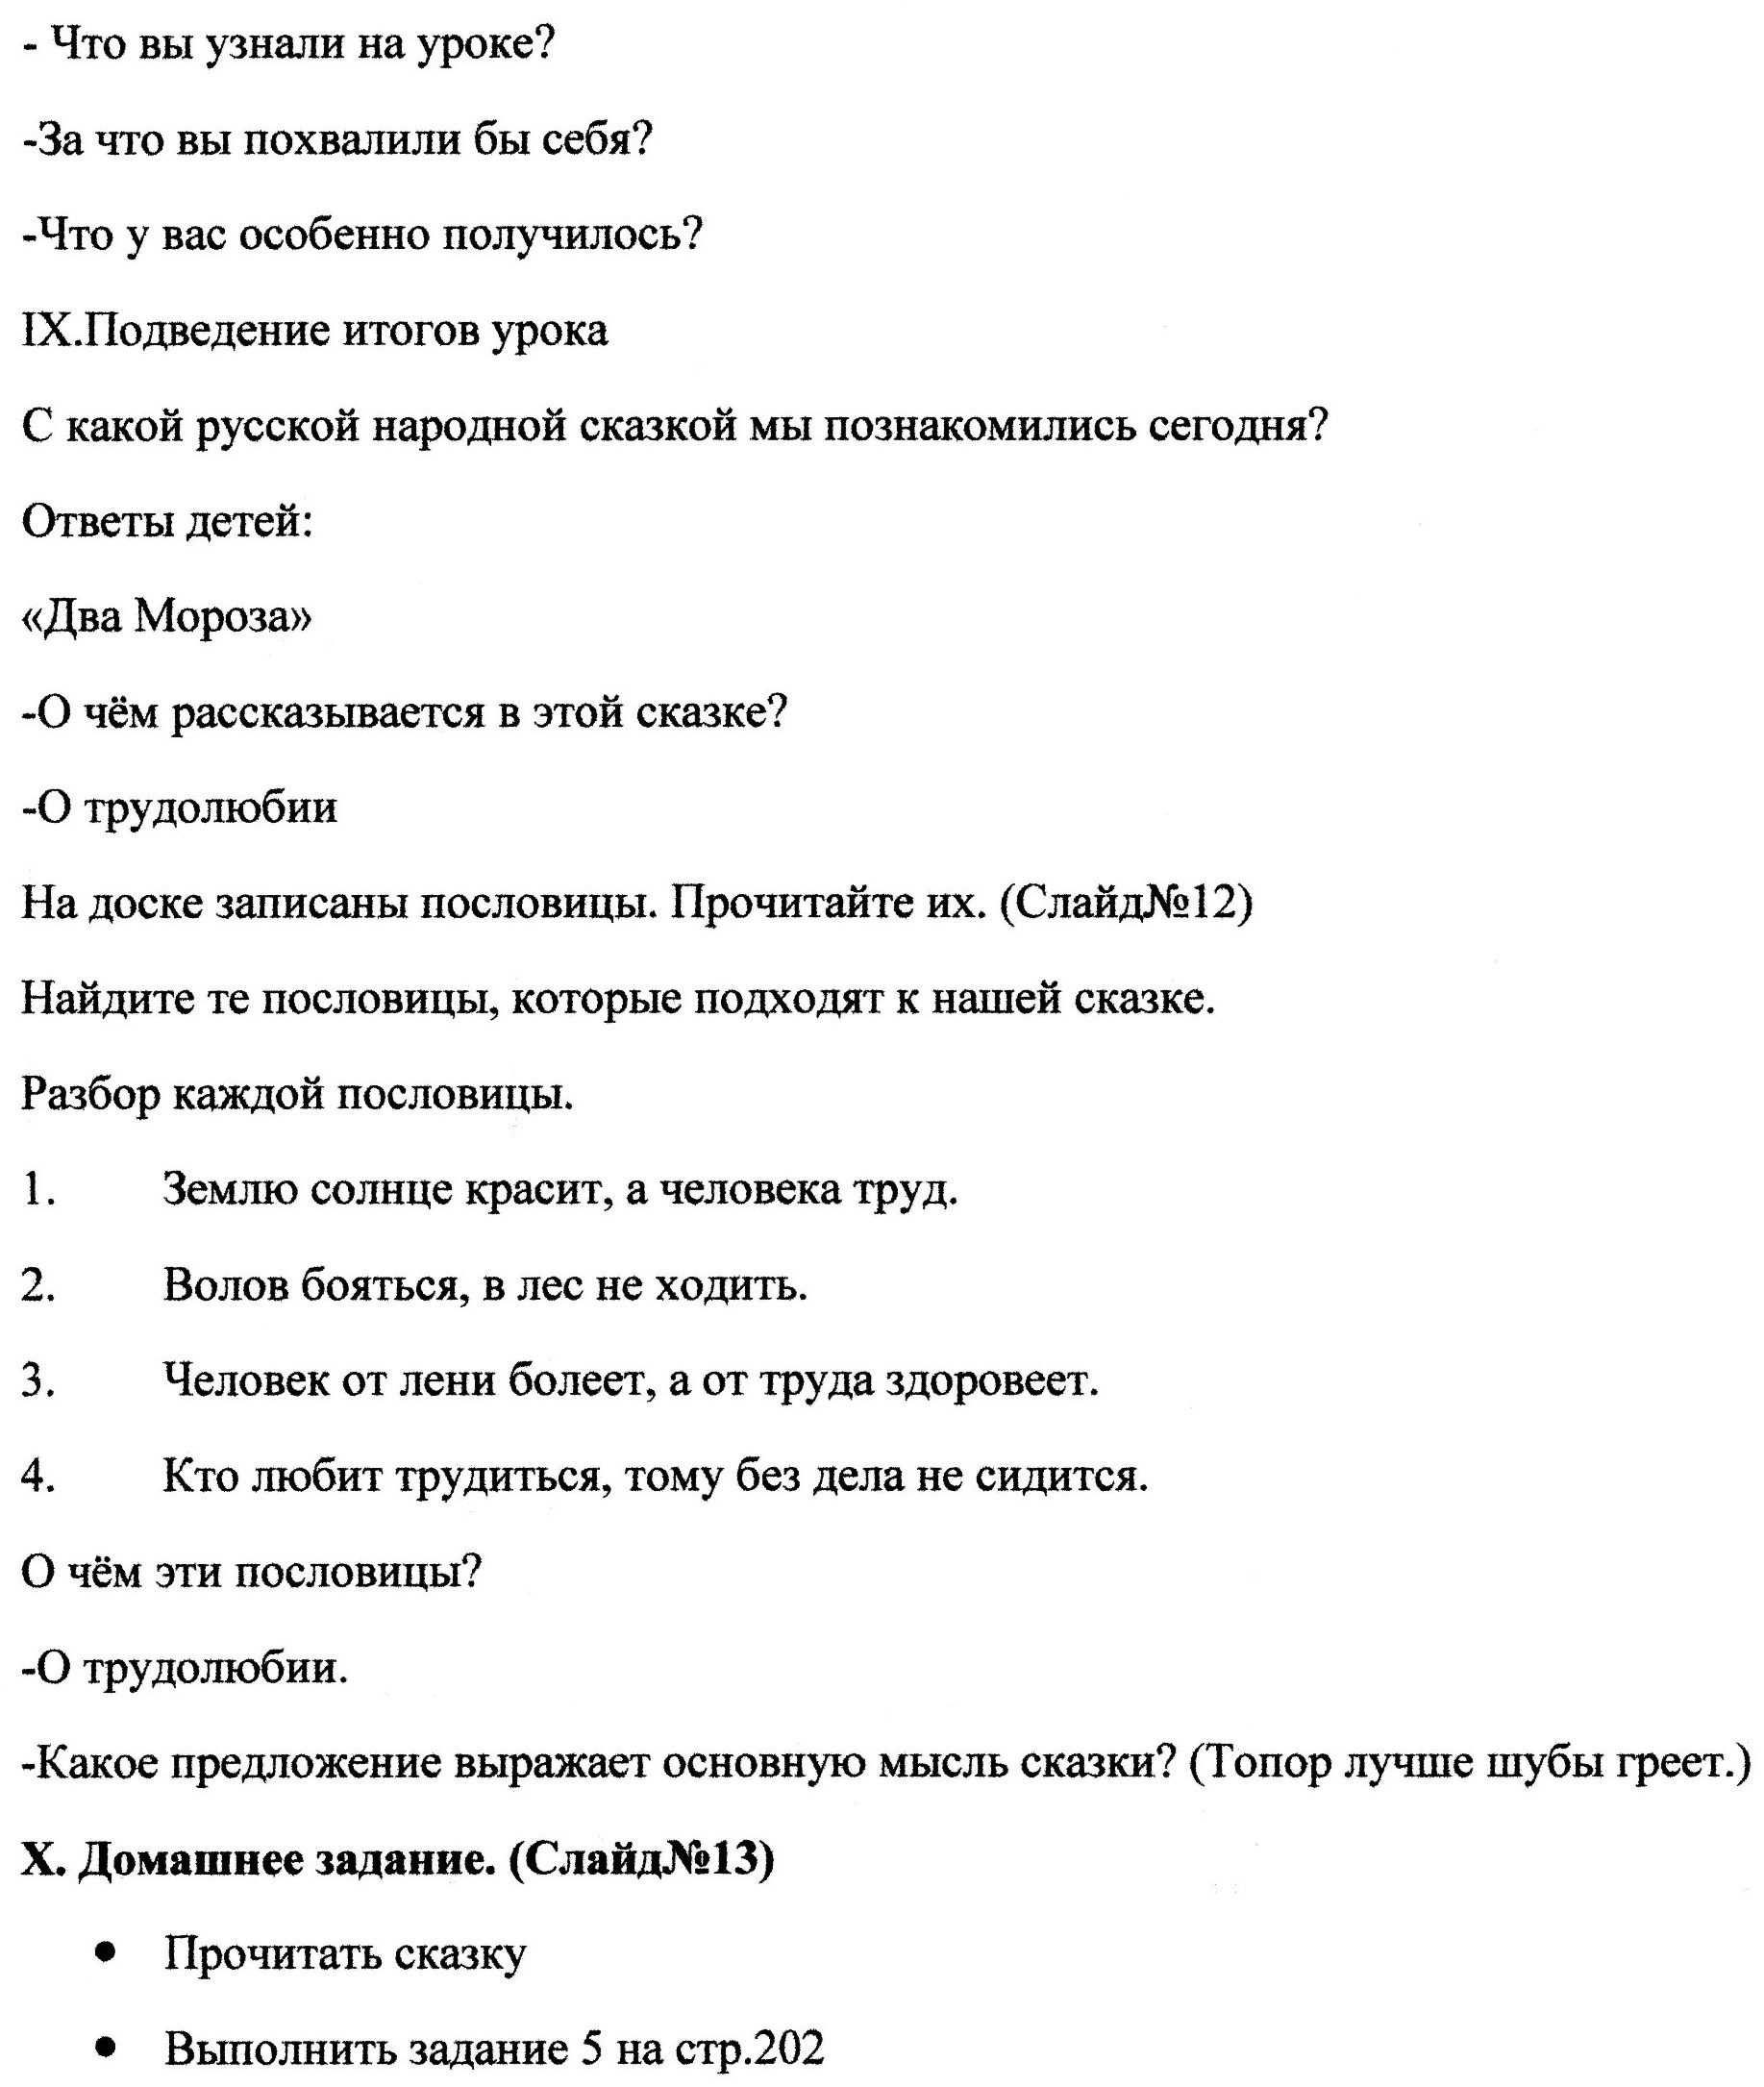 D:\курсы повышения квалификации\Галина\img224.jpg